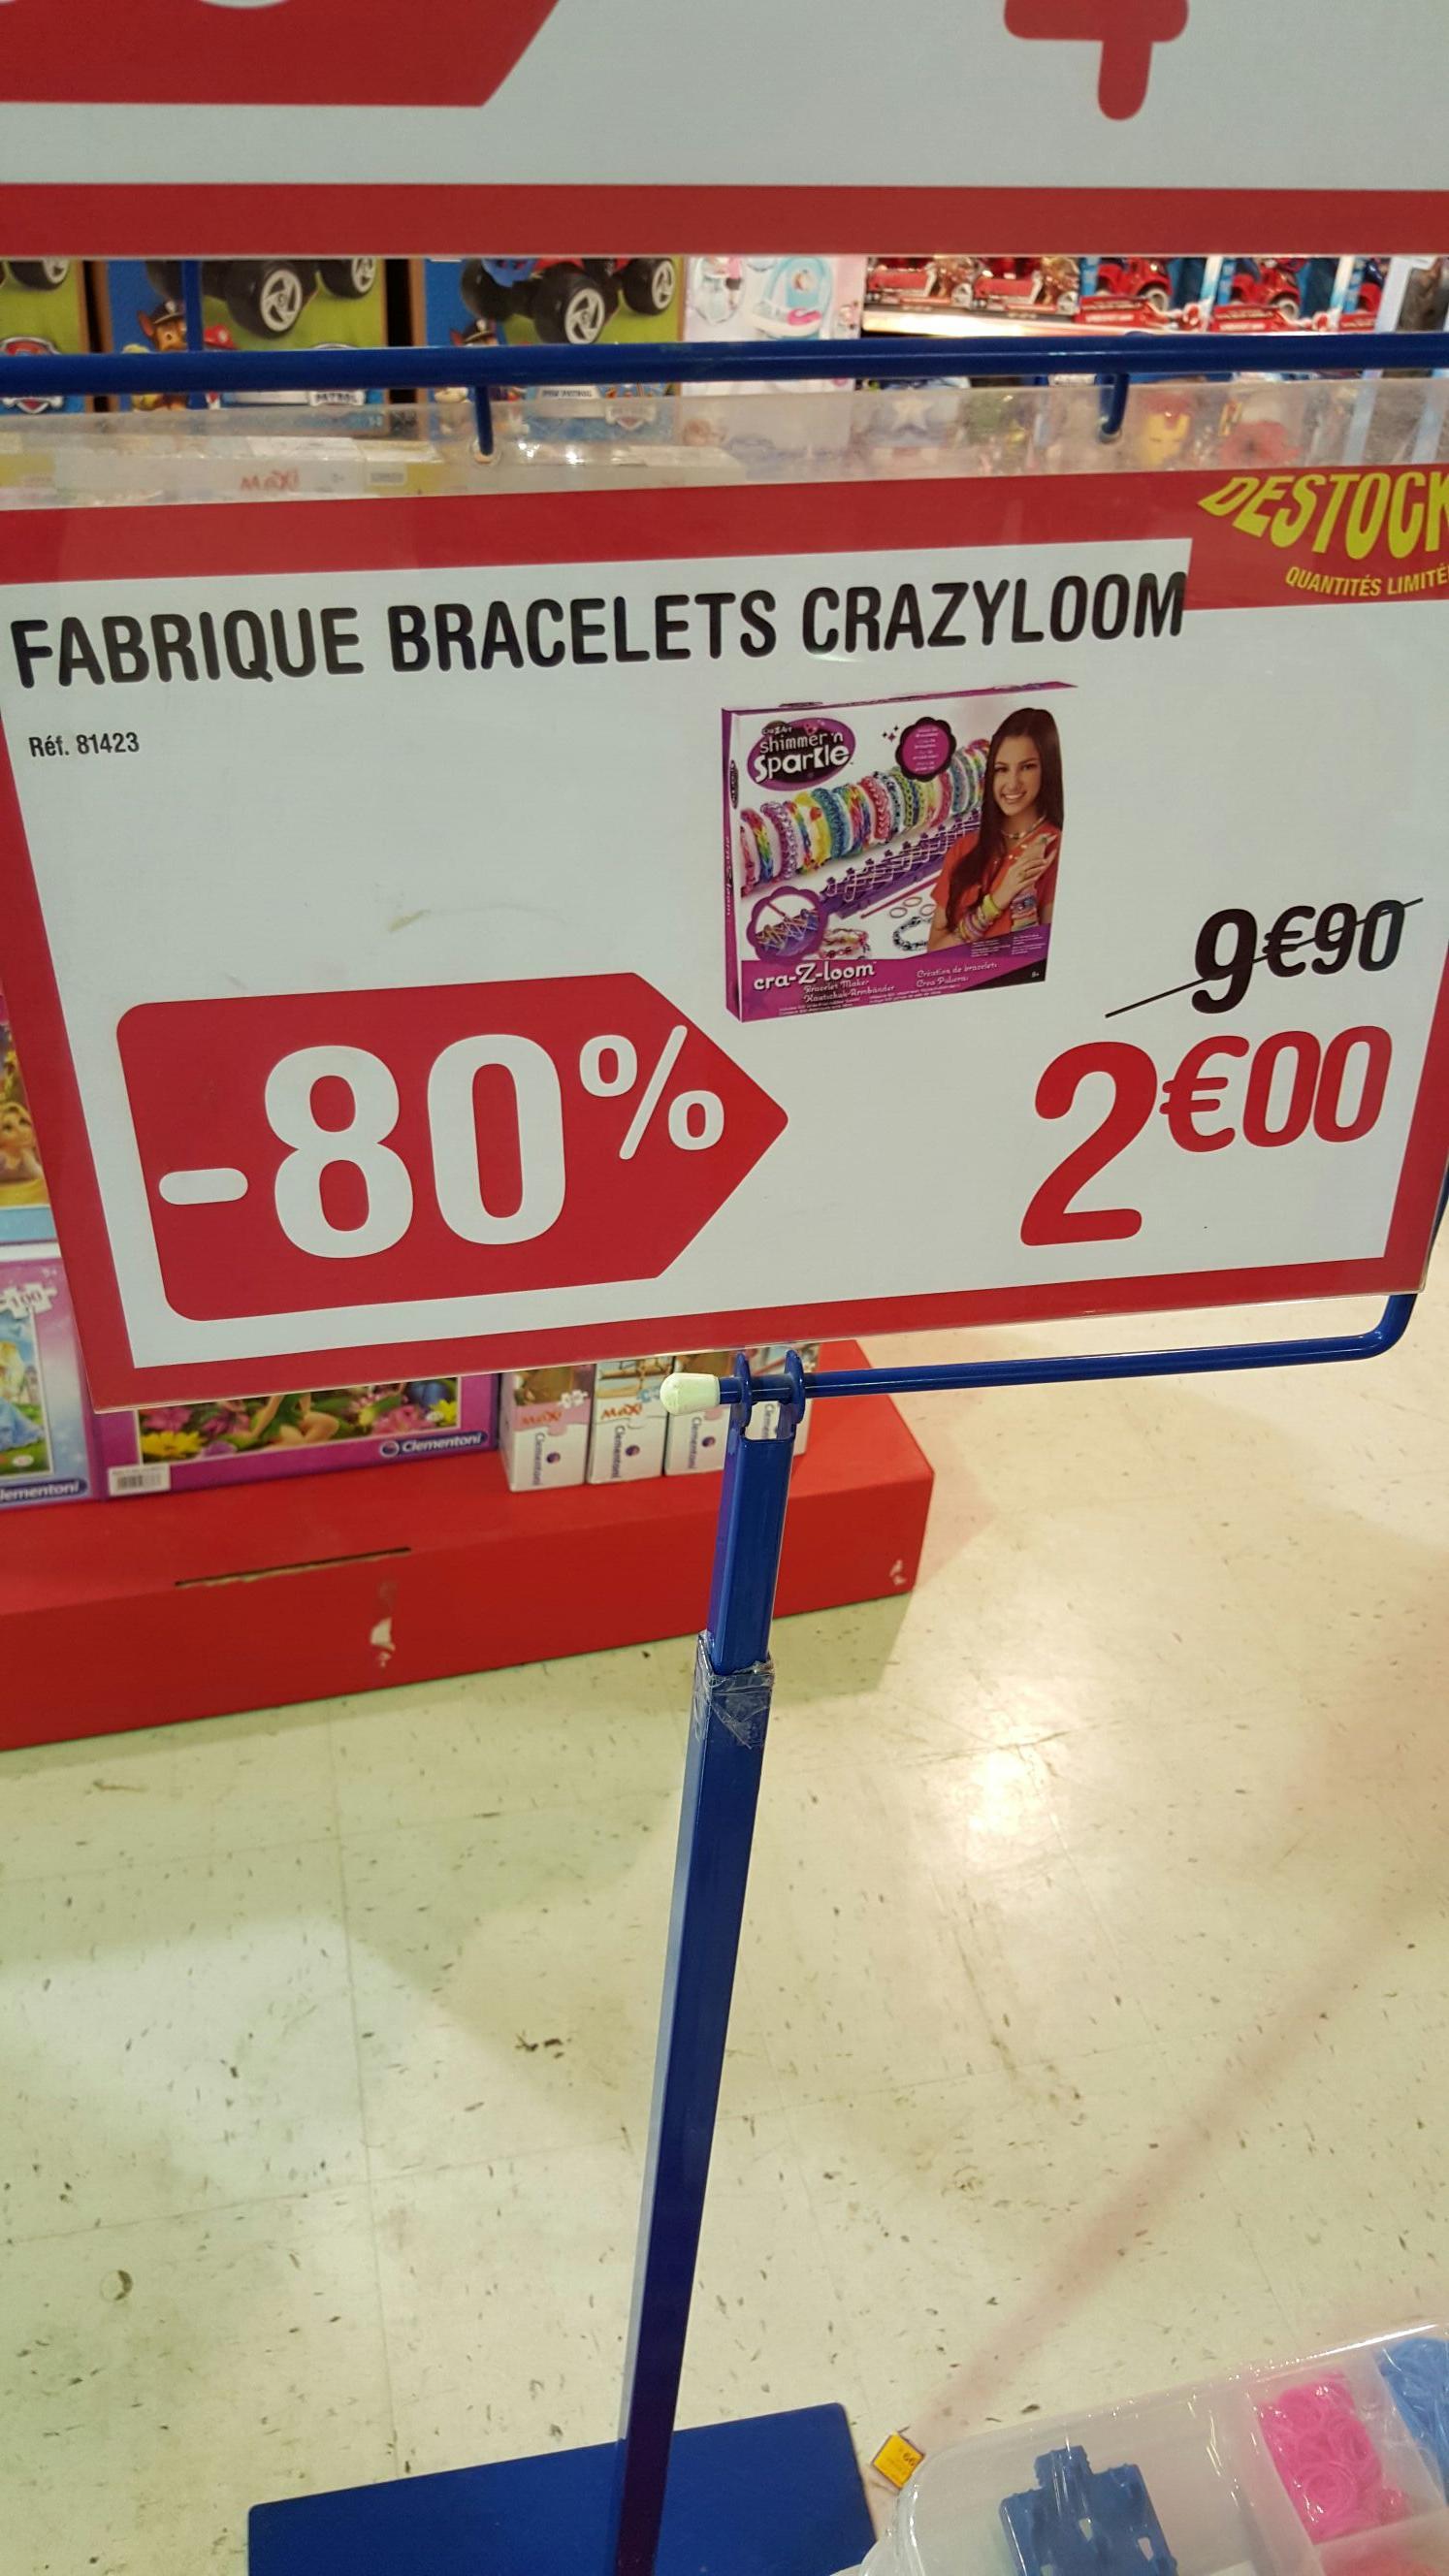 Fabrique bracelets Crazyloom